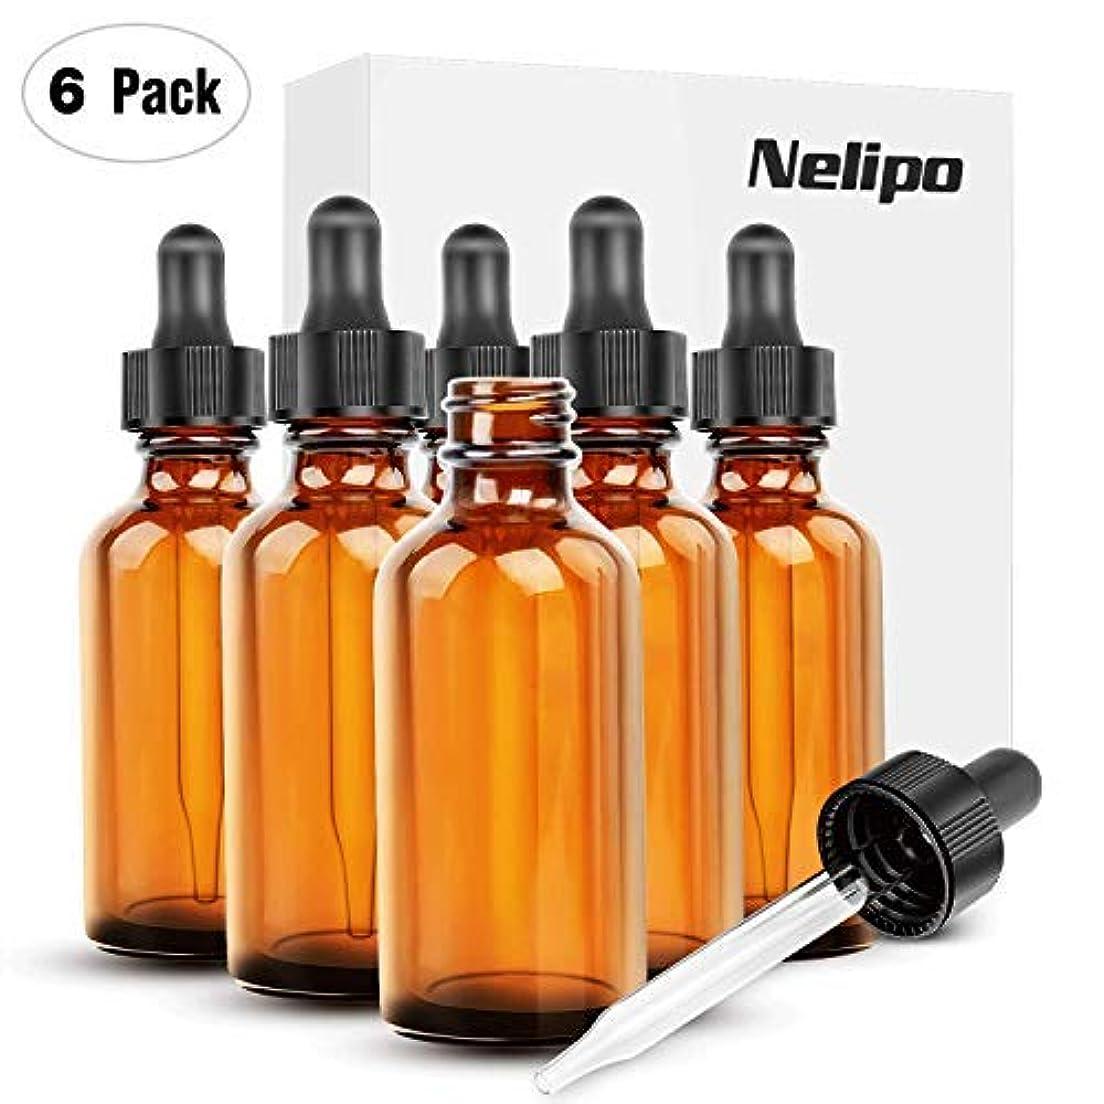 トレードディレクトリNelipo 2oz Amber Glass Bottles for Essential Oils with Glass Eye Dropper - Pack of 6 [並行輸入品]